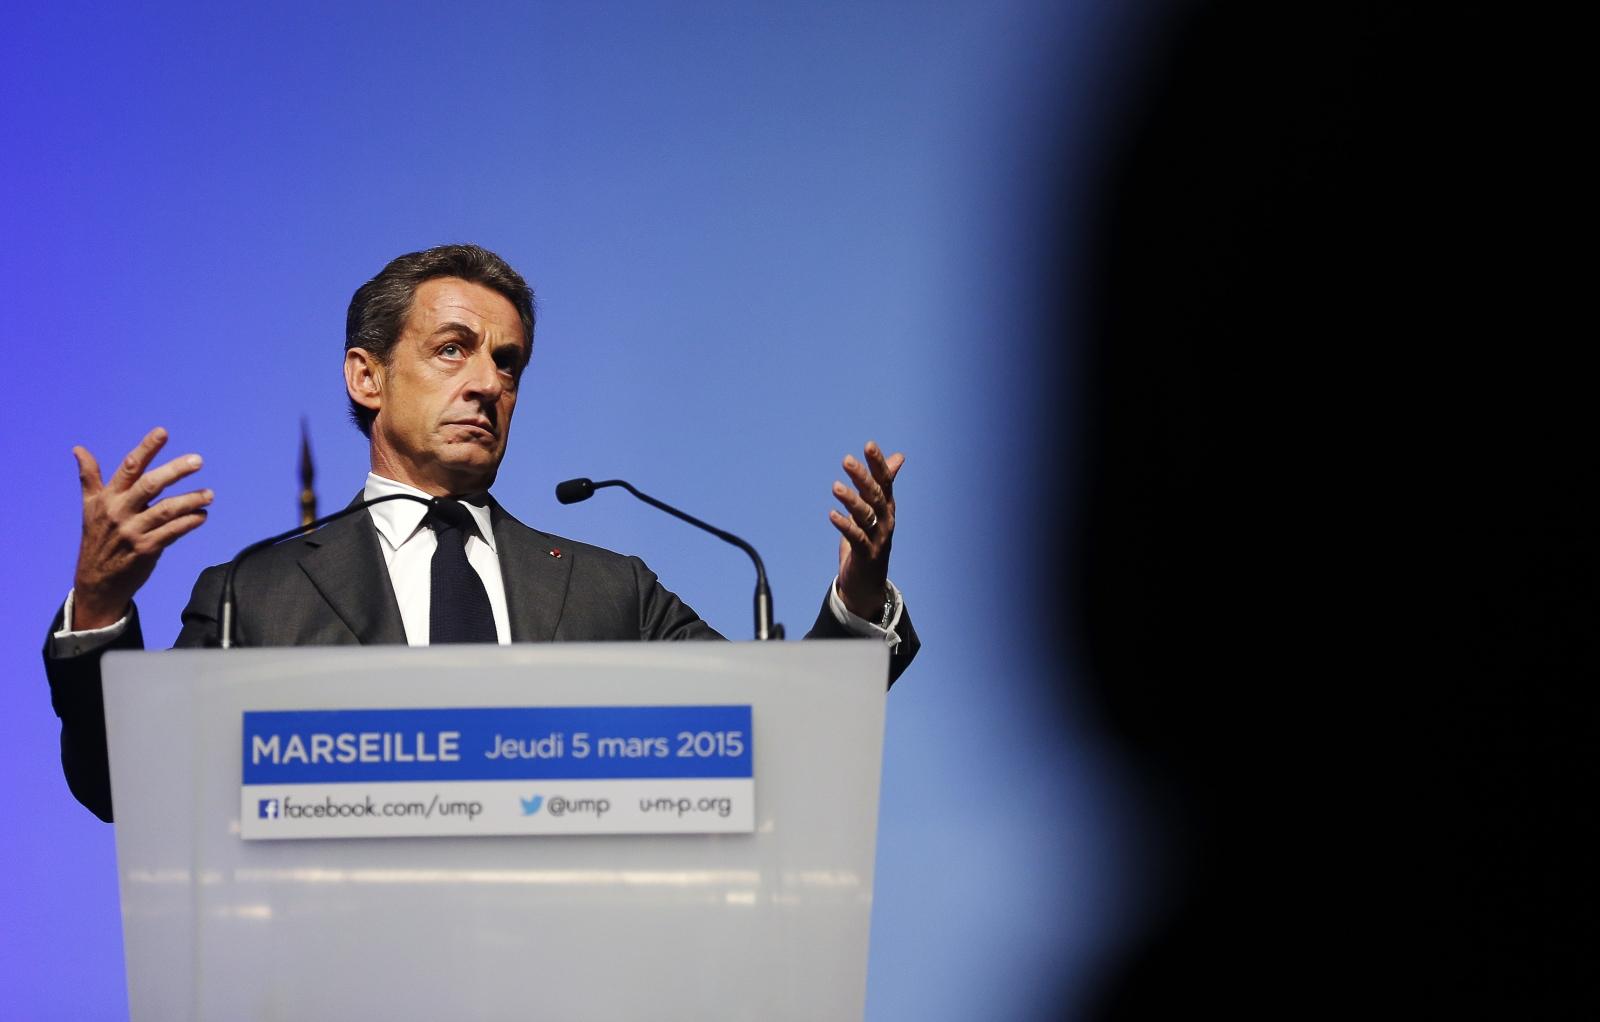 Sarkozy UMP party